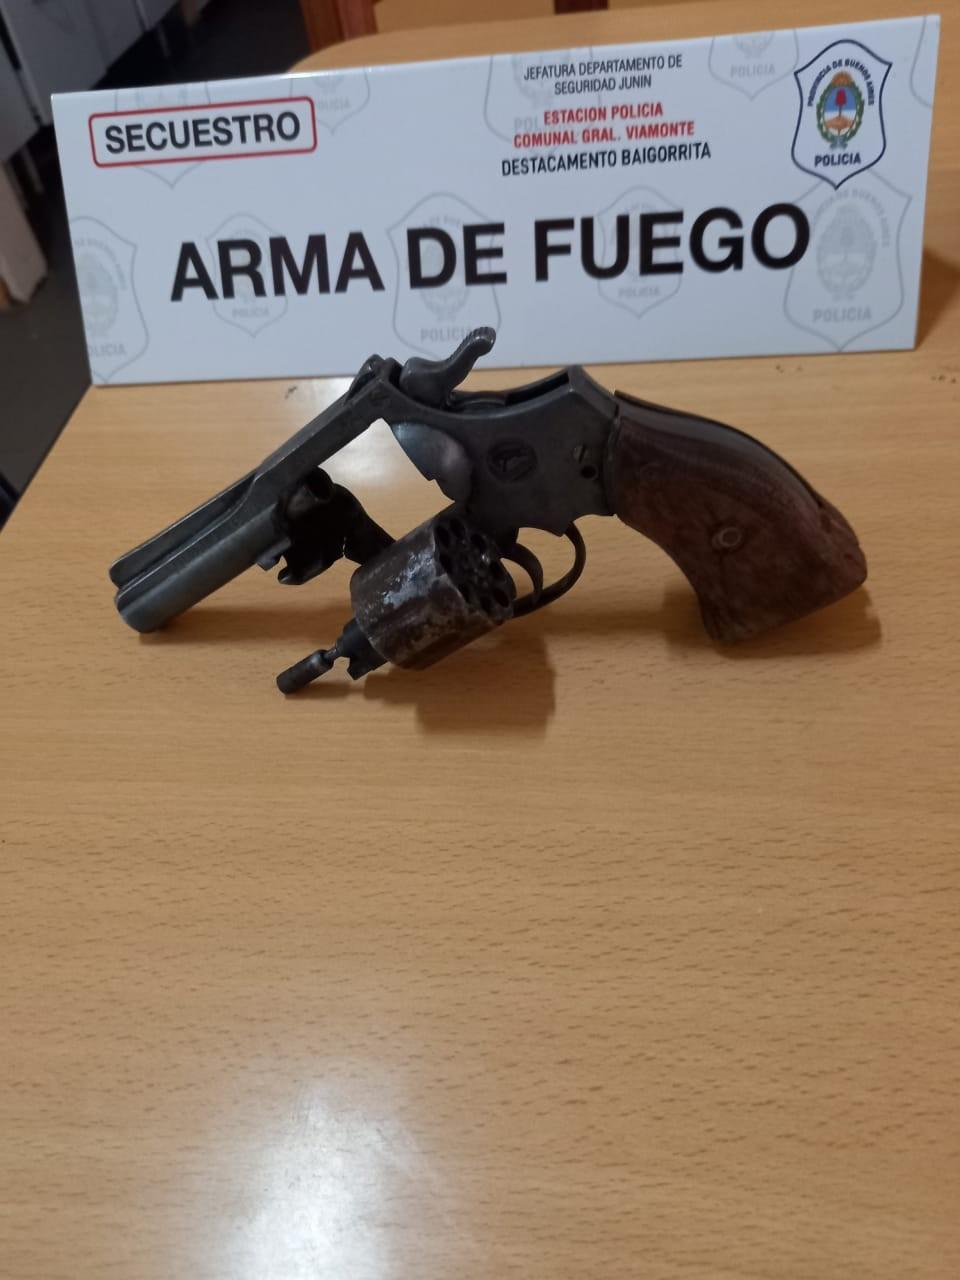 BAIGORRITA | Se llevaron a cabo tres allanamientos en la localidad